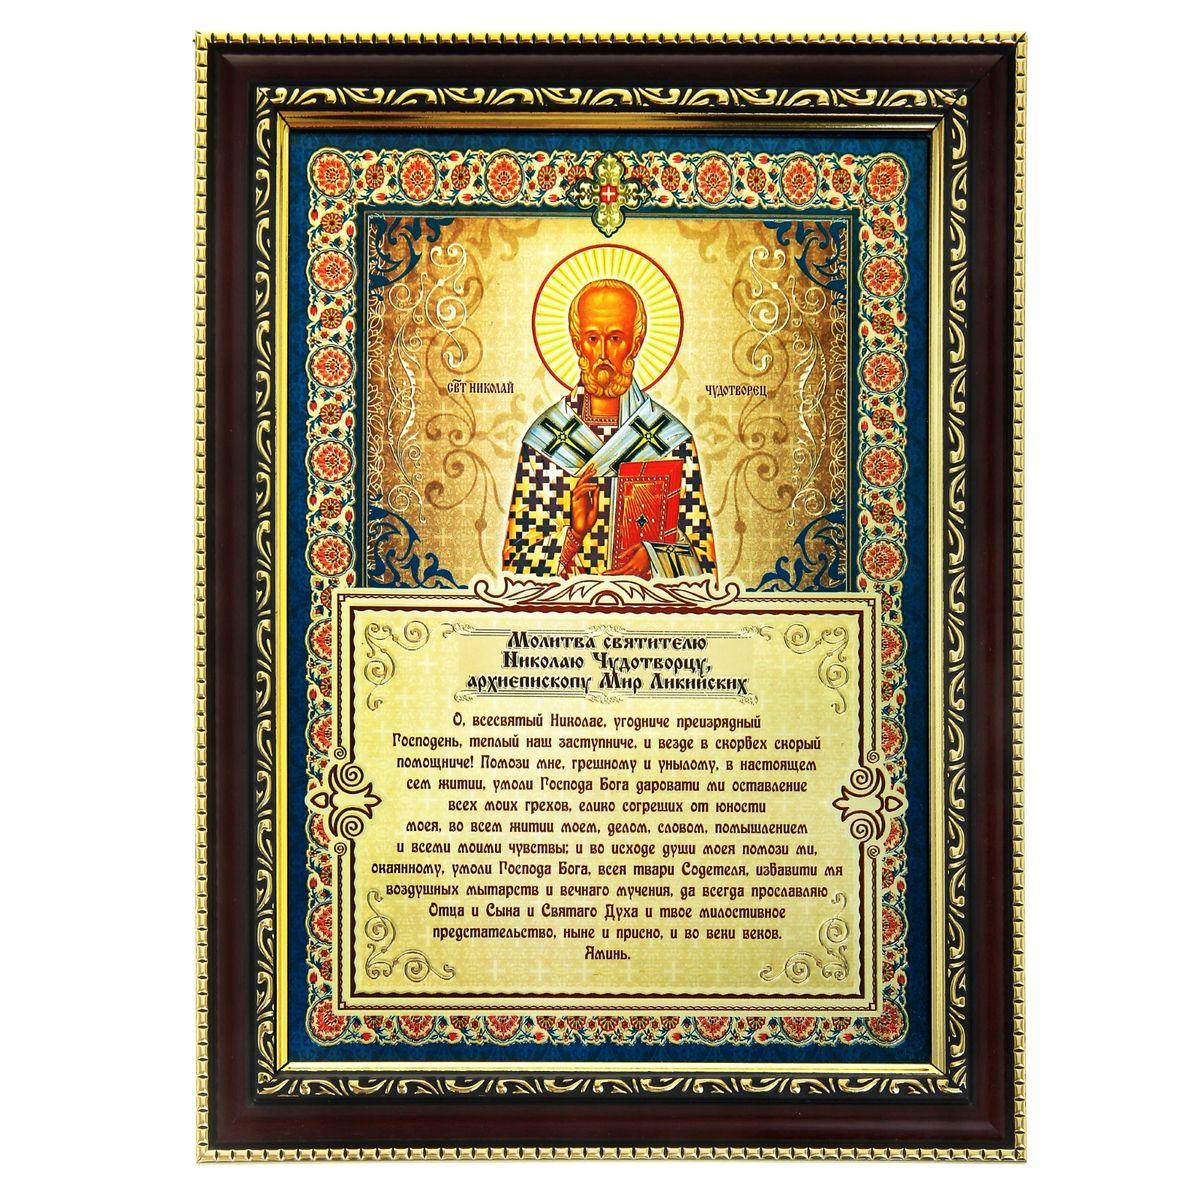 Икона с молитвой Молитва святителю Николаю Чудотворцу, 26 см х 34,5 см185078Икона Молитва святителю Николаю Чудотворцу состоит из деревянной рамки с пластиковым орнаментом и со стеклом, в которую вставлен фольгированный лист с изображением православной иконы и молитвы. С задней стороны имеется ножка для удобного размещения на плоской горизонтальной поверхности. Изображенный образ полностью соответствует канонам Русской Православной Церкви. Такая икона в рамке привнесет в ваш дом согласие и мир и будет прекрасным подарком, оберегающим близких вам людей.